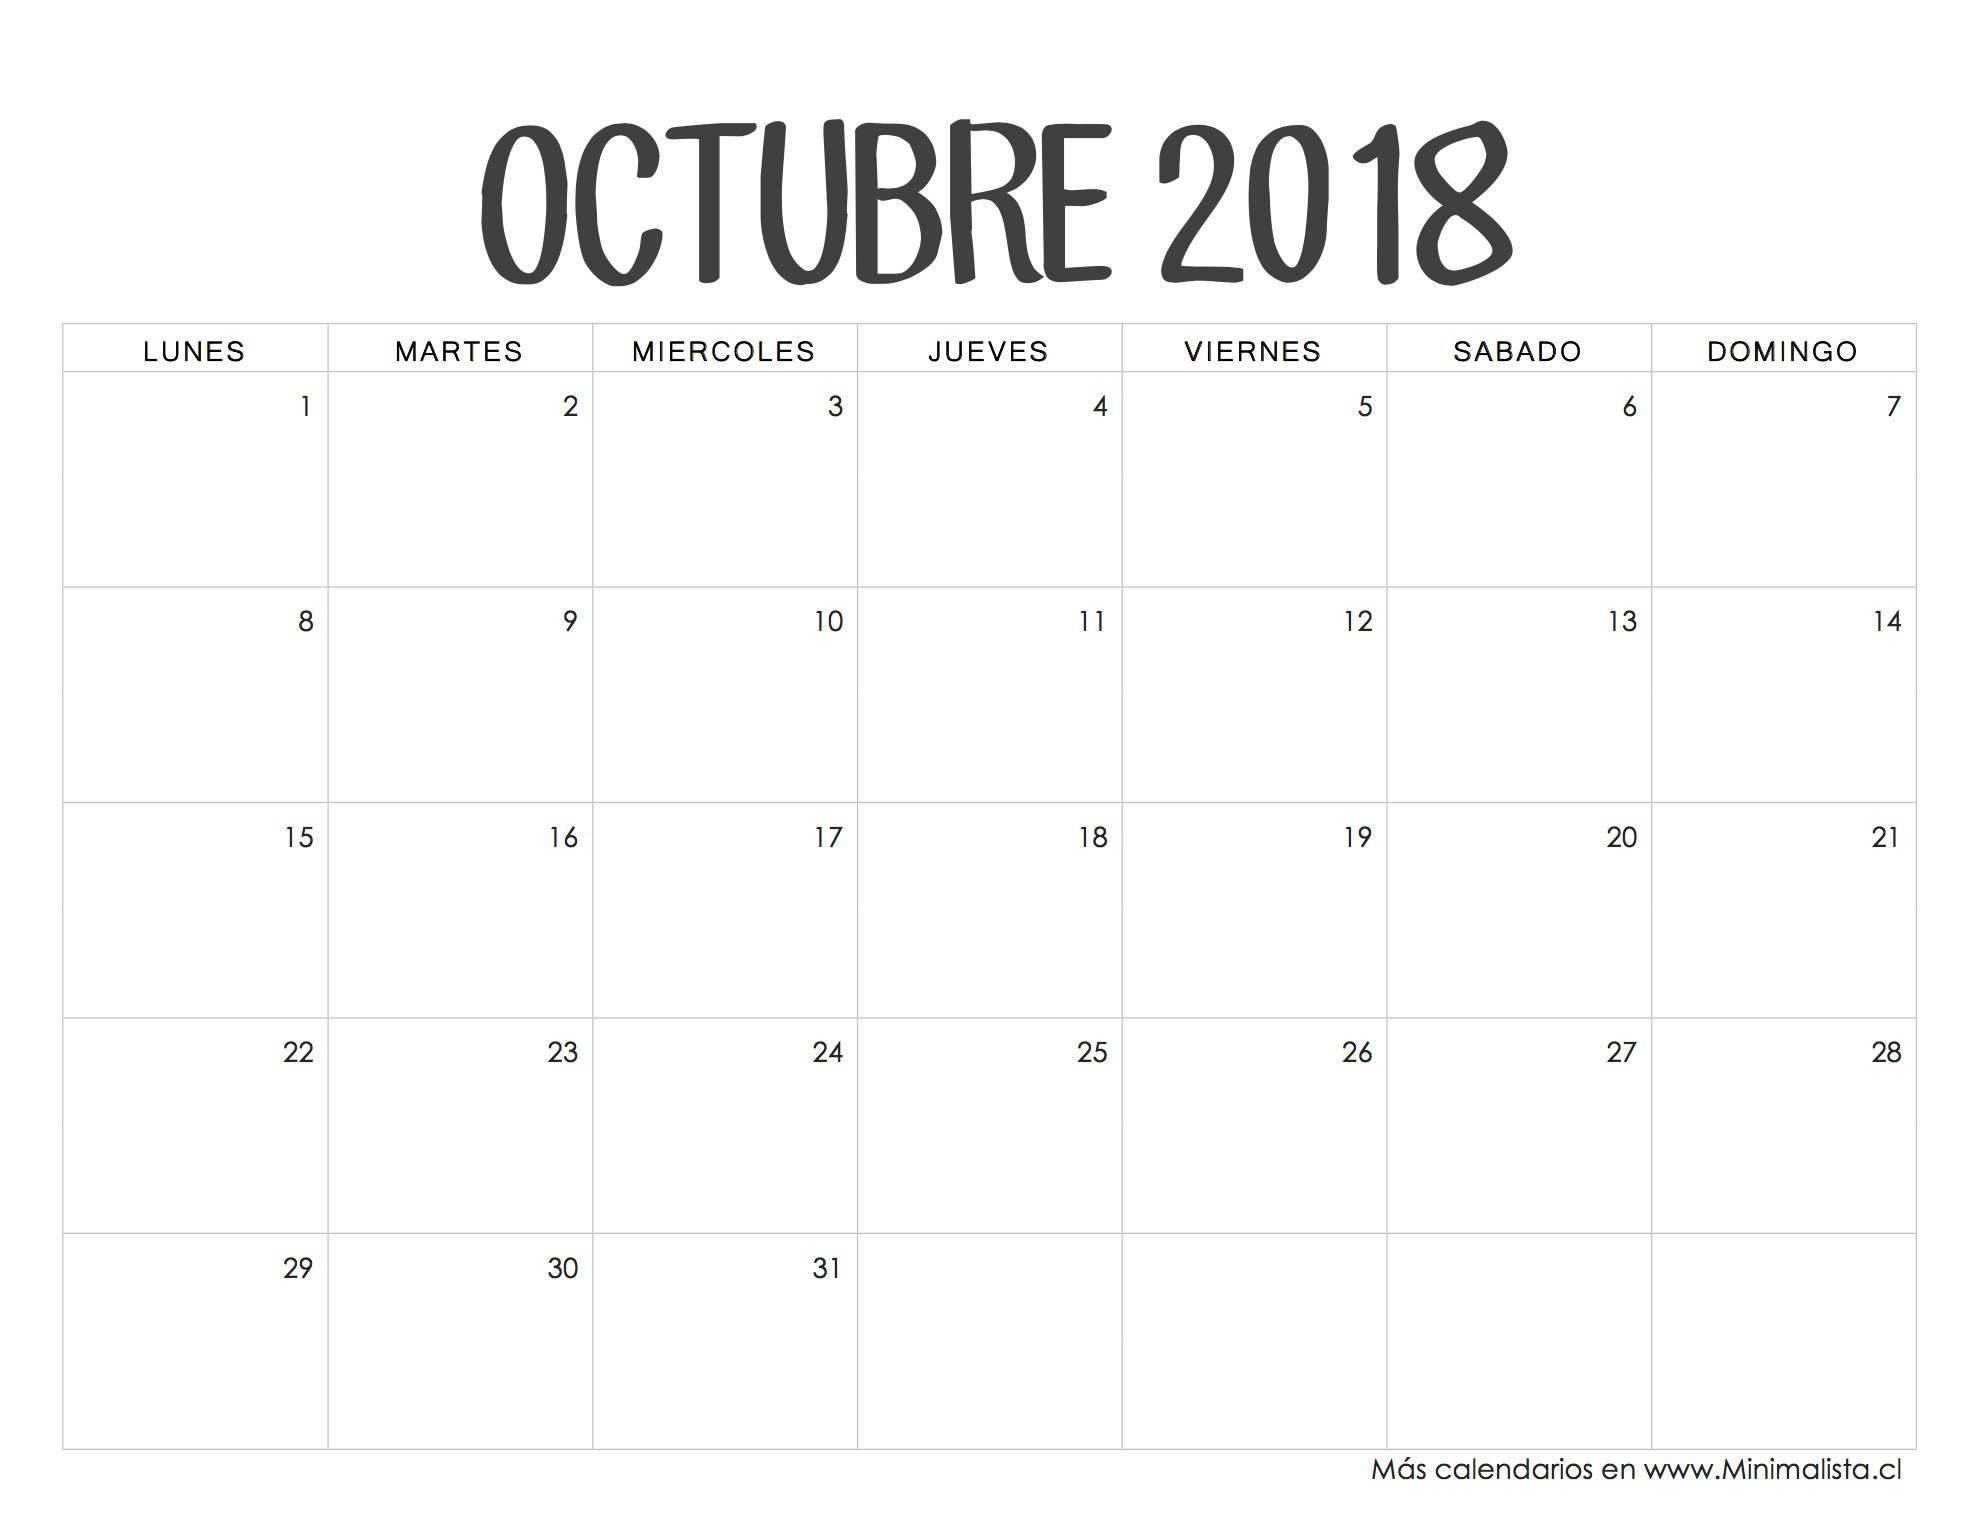 Calendario Colombiano 2019 Para Imprimir Mejores Y Más Novedosos Calendario Octubre 2018 Calendario 2018 Pinterest Of Calendario Colombiano 2019 Para Imprimir Mejores Y Más Novedosos Programas Y Proyectos De Inversi³n En Ejecuci³n